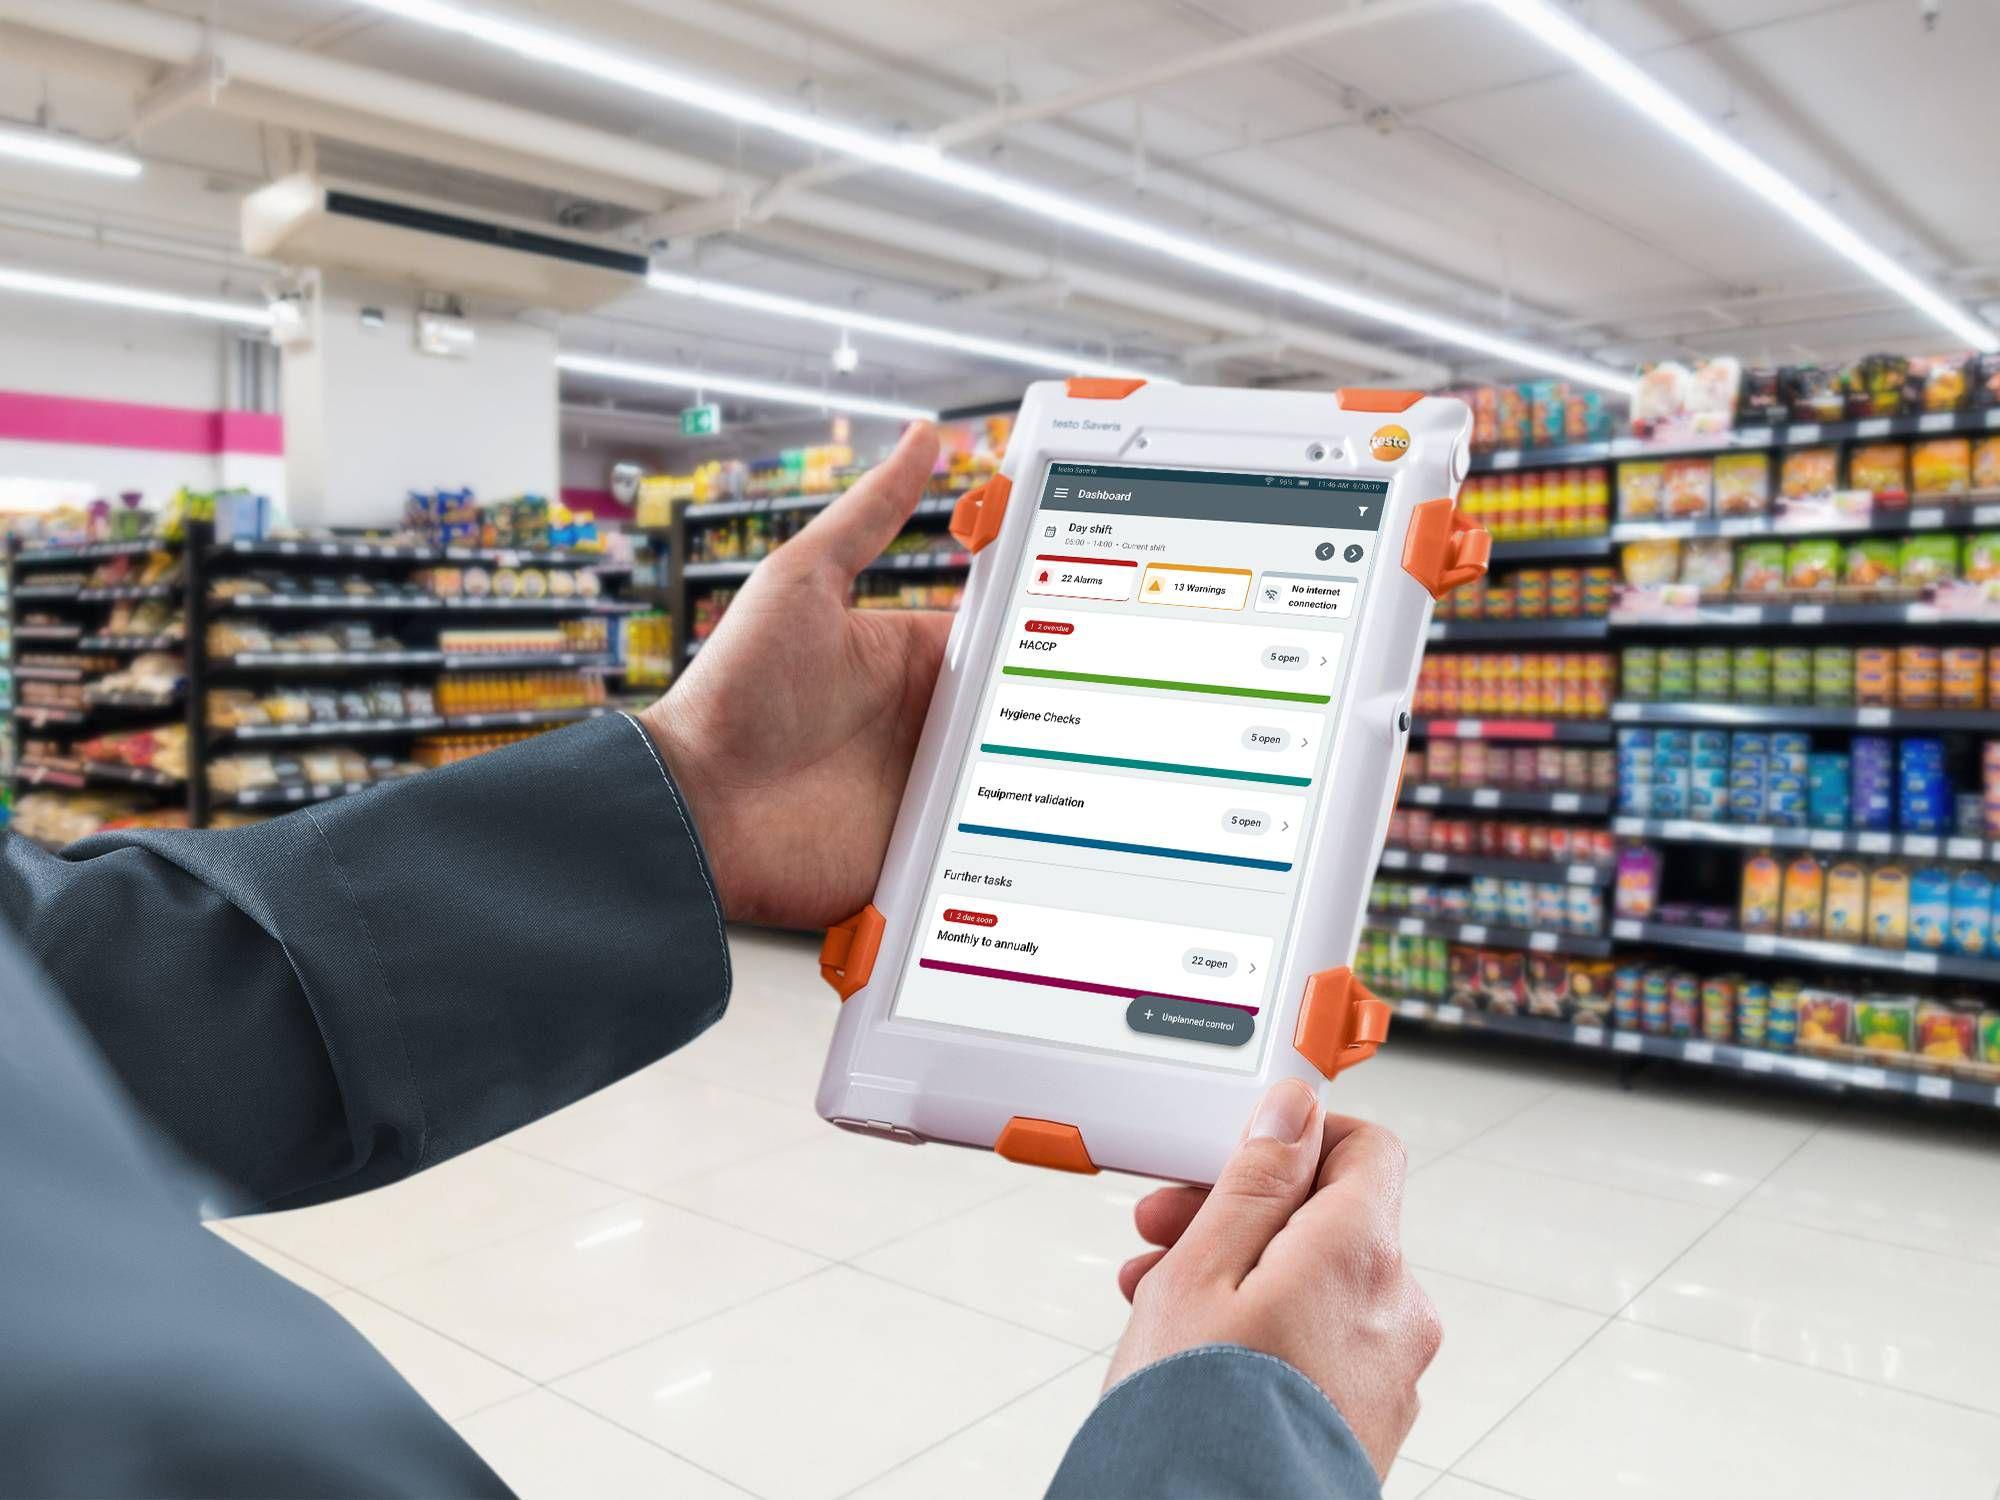 Optimiser les processus au supermarché